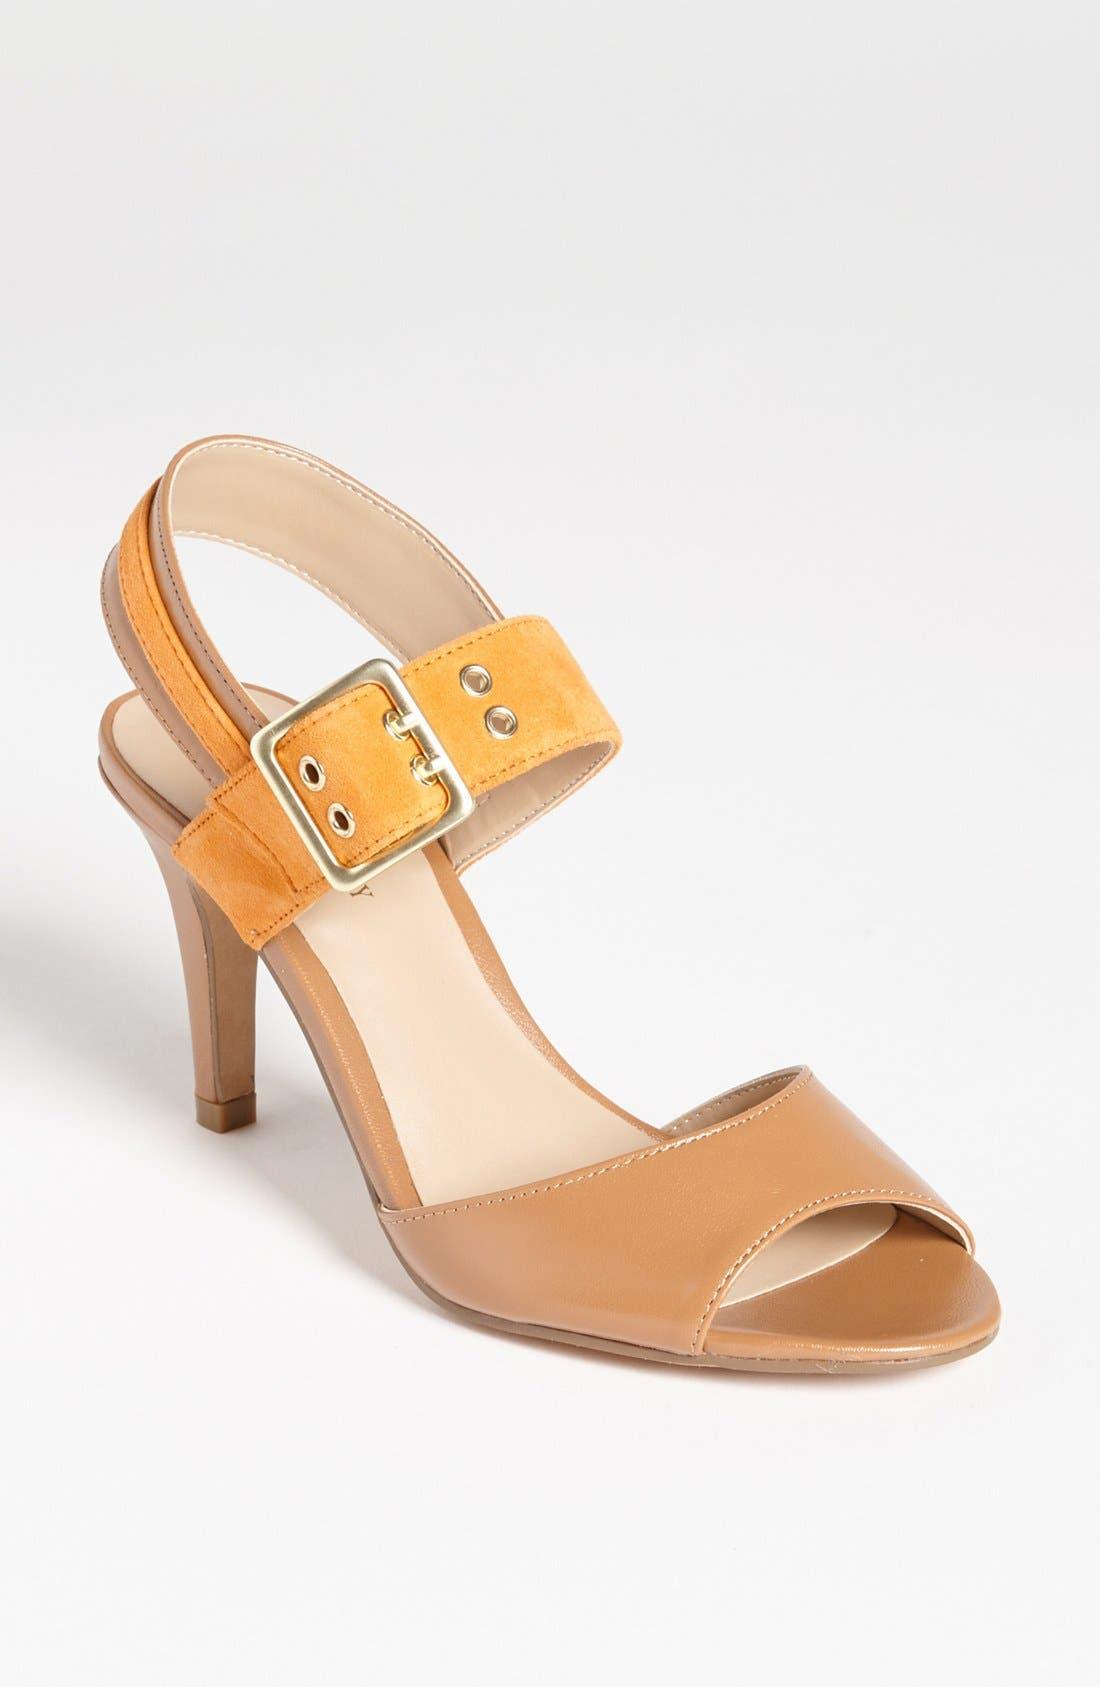 Main Image - Sole Society 'Tatiana' Sandal